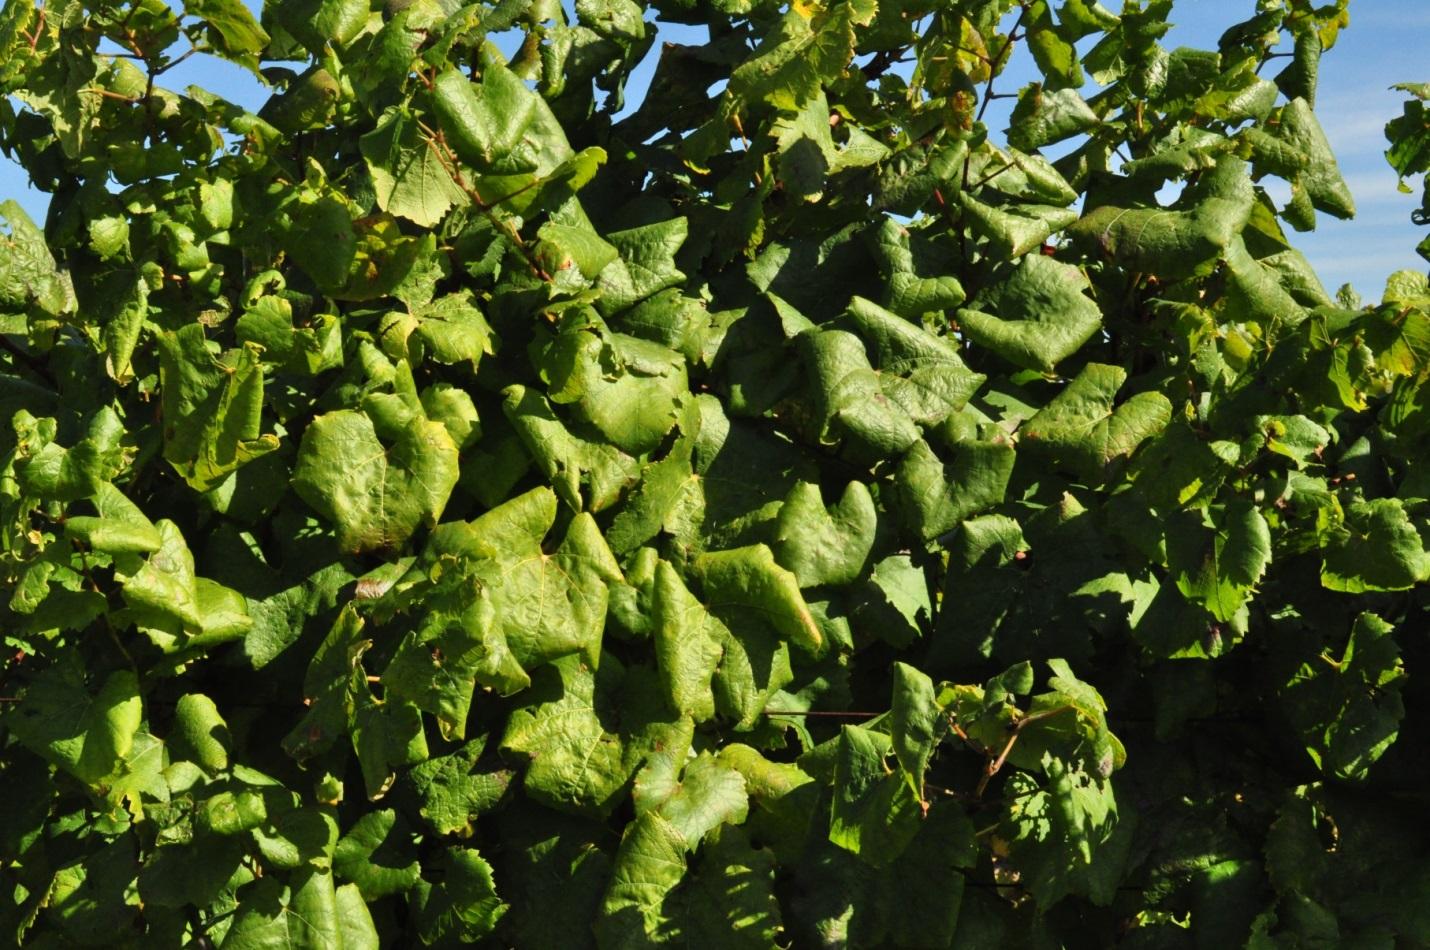 viticulture wine u0026 grapes u